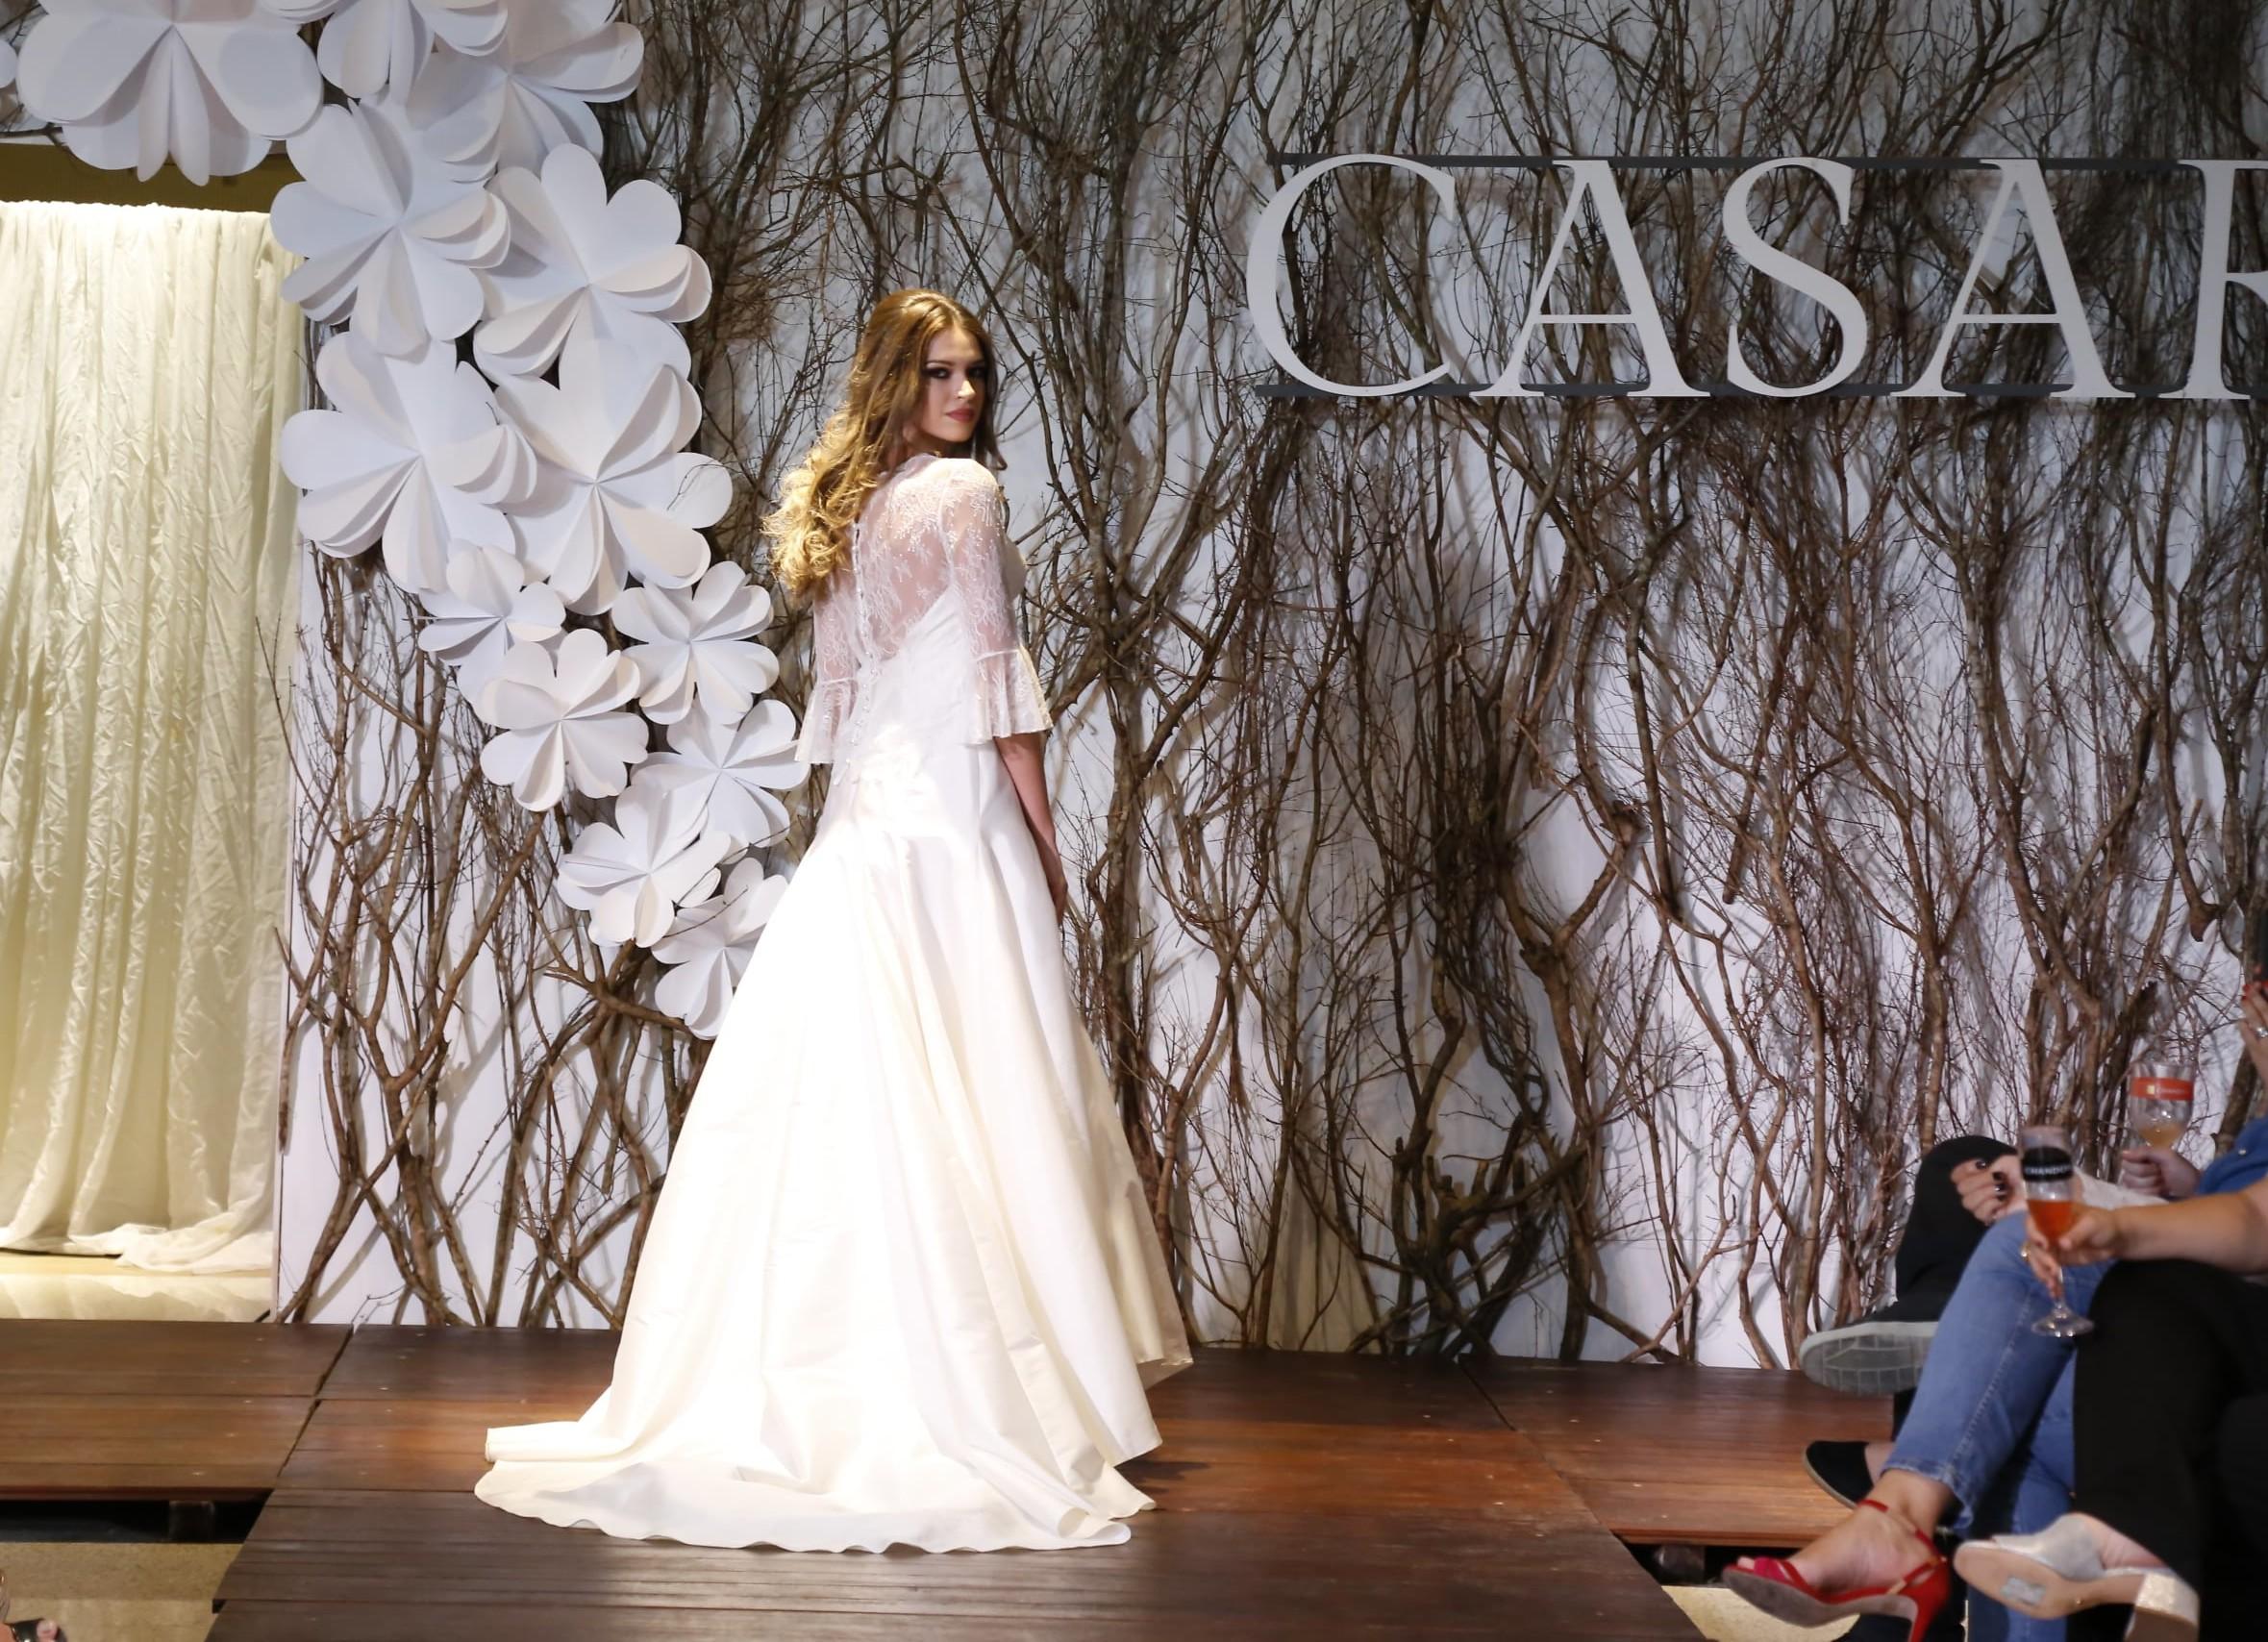 CASAR Recife 2017: O desfile dos vestidos de noiva de Lethicia Bronstein